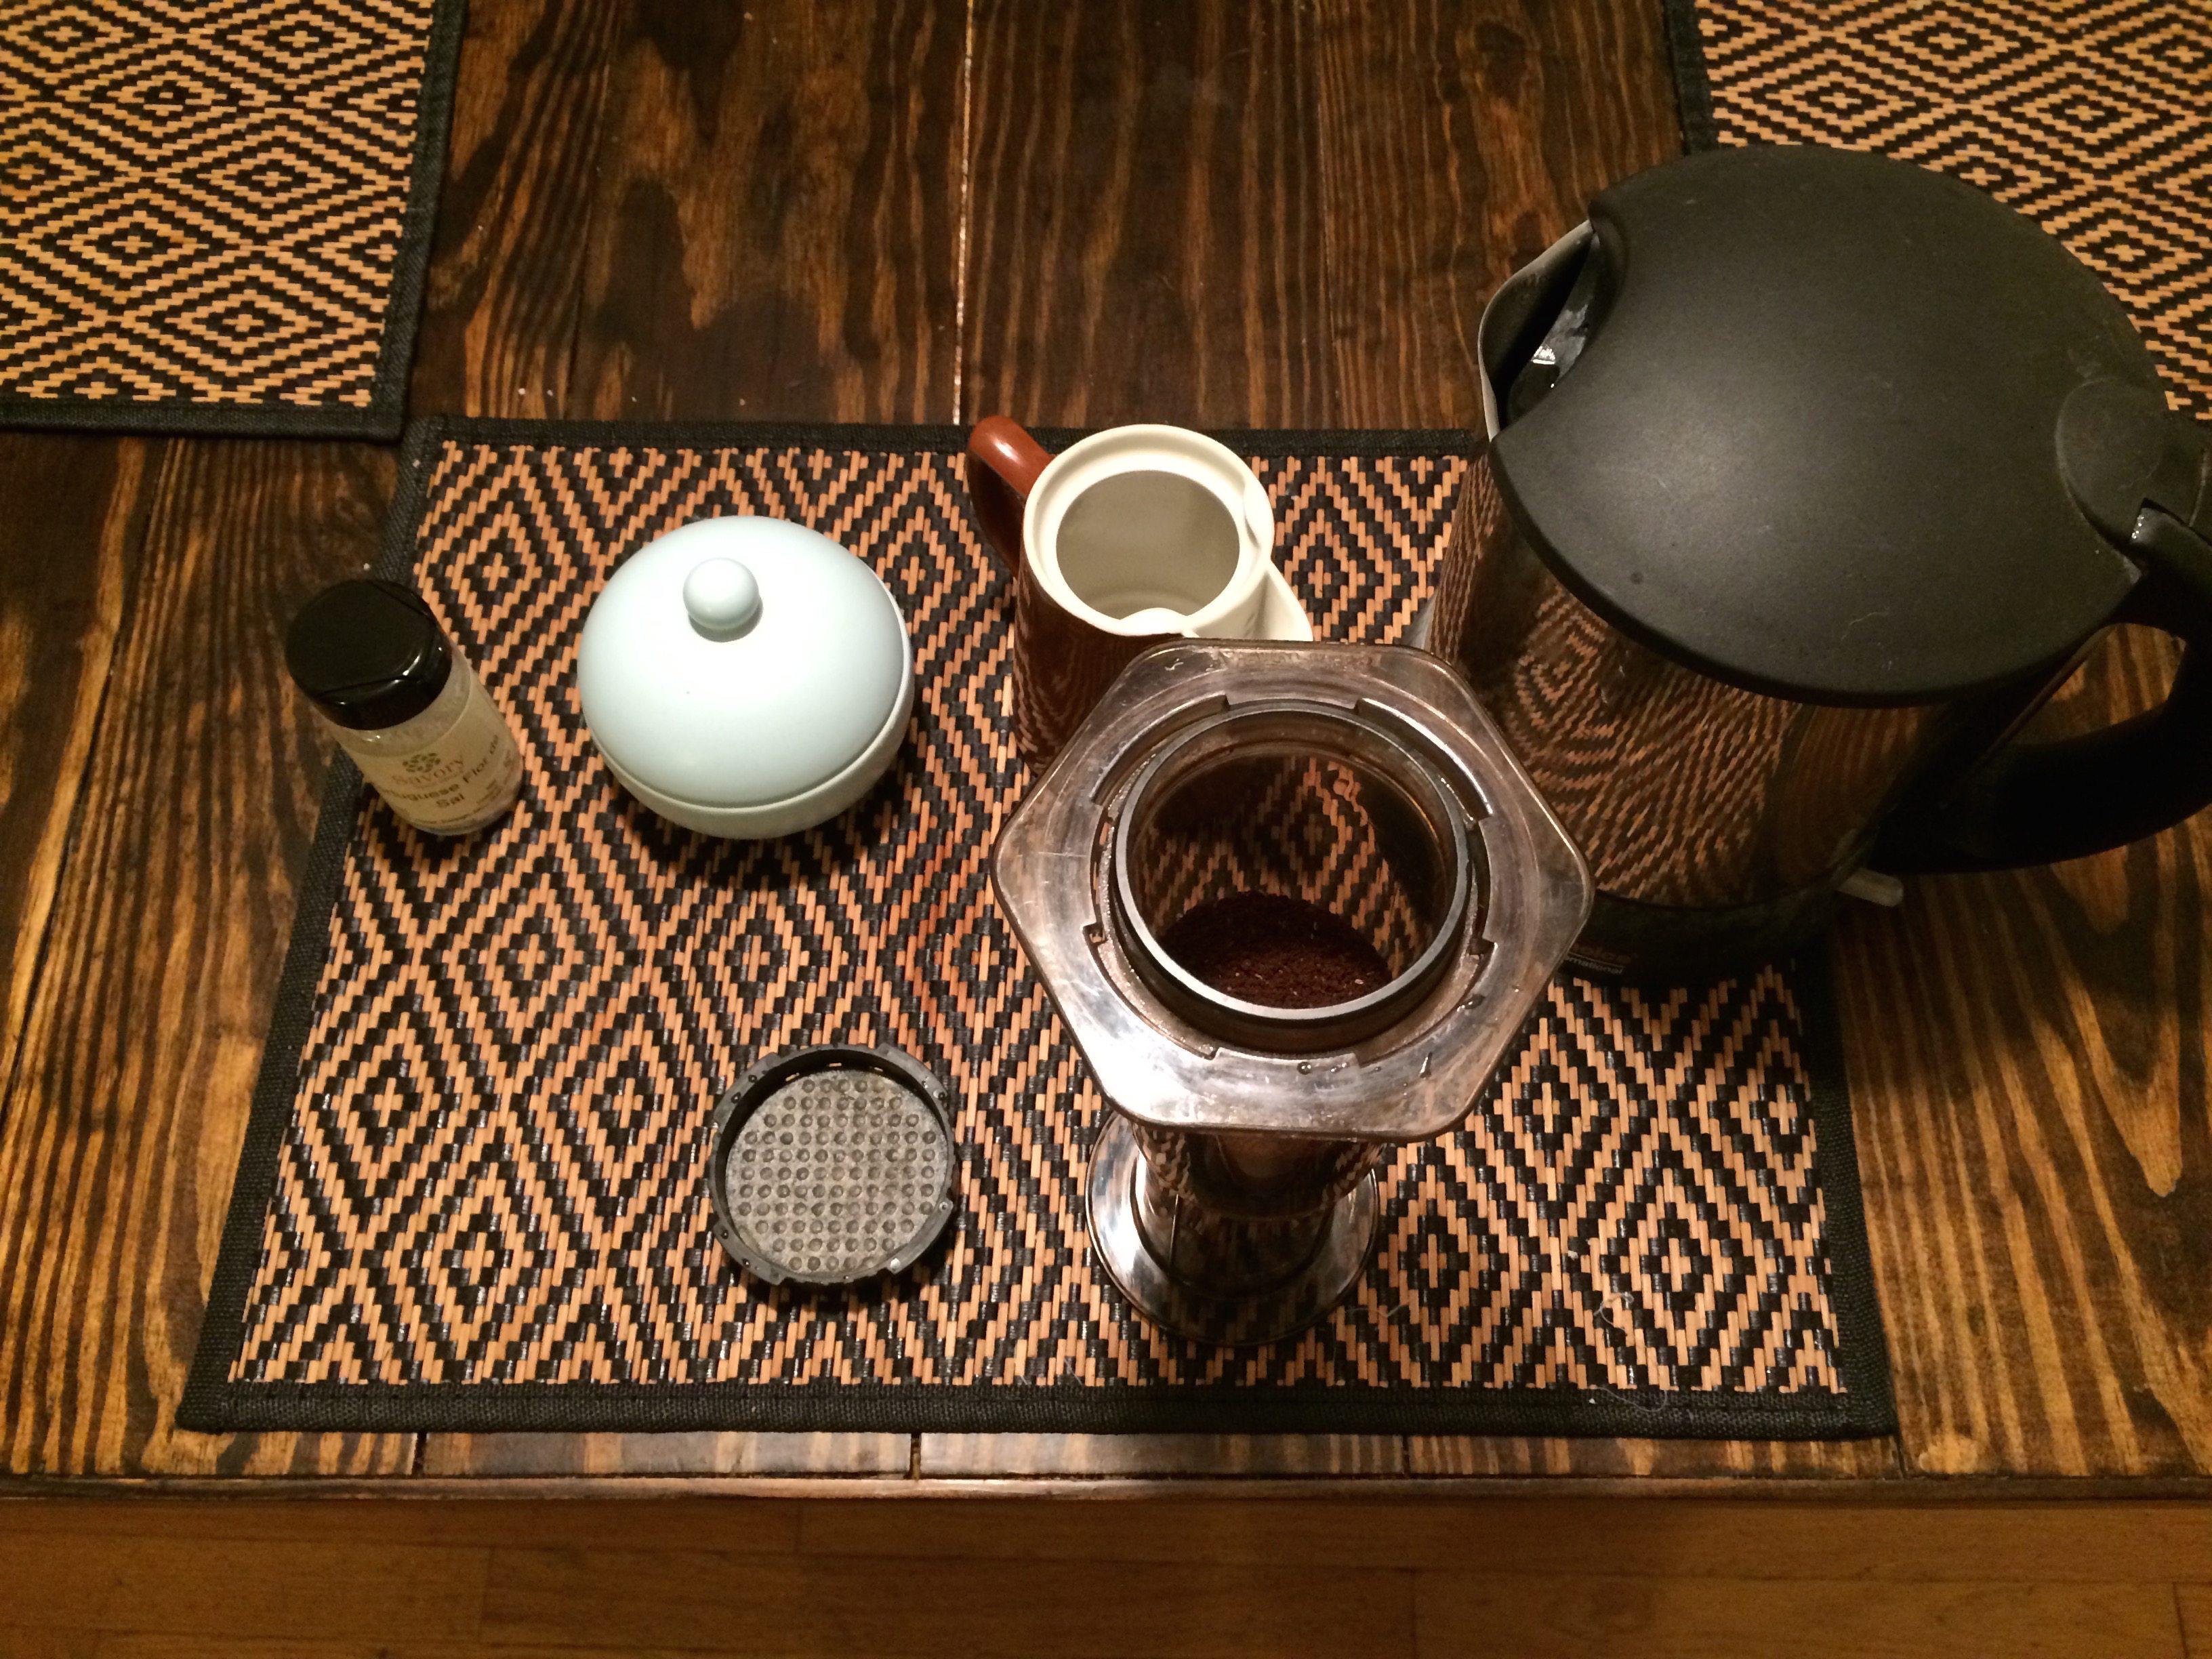 Coffee paraphernalia